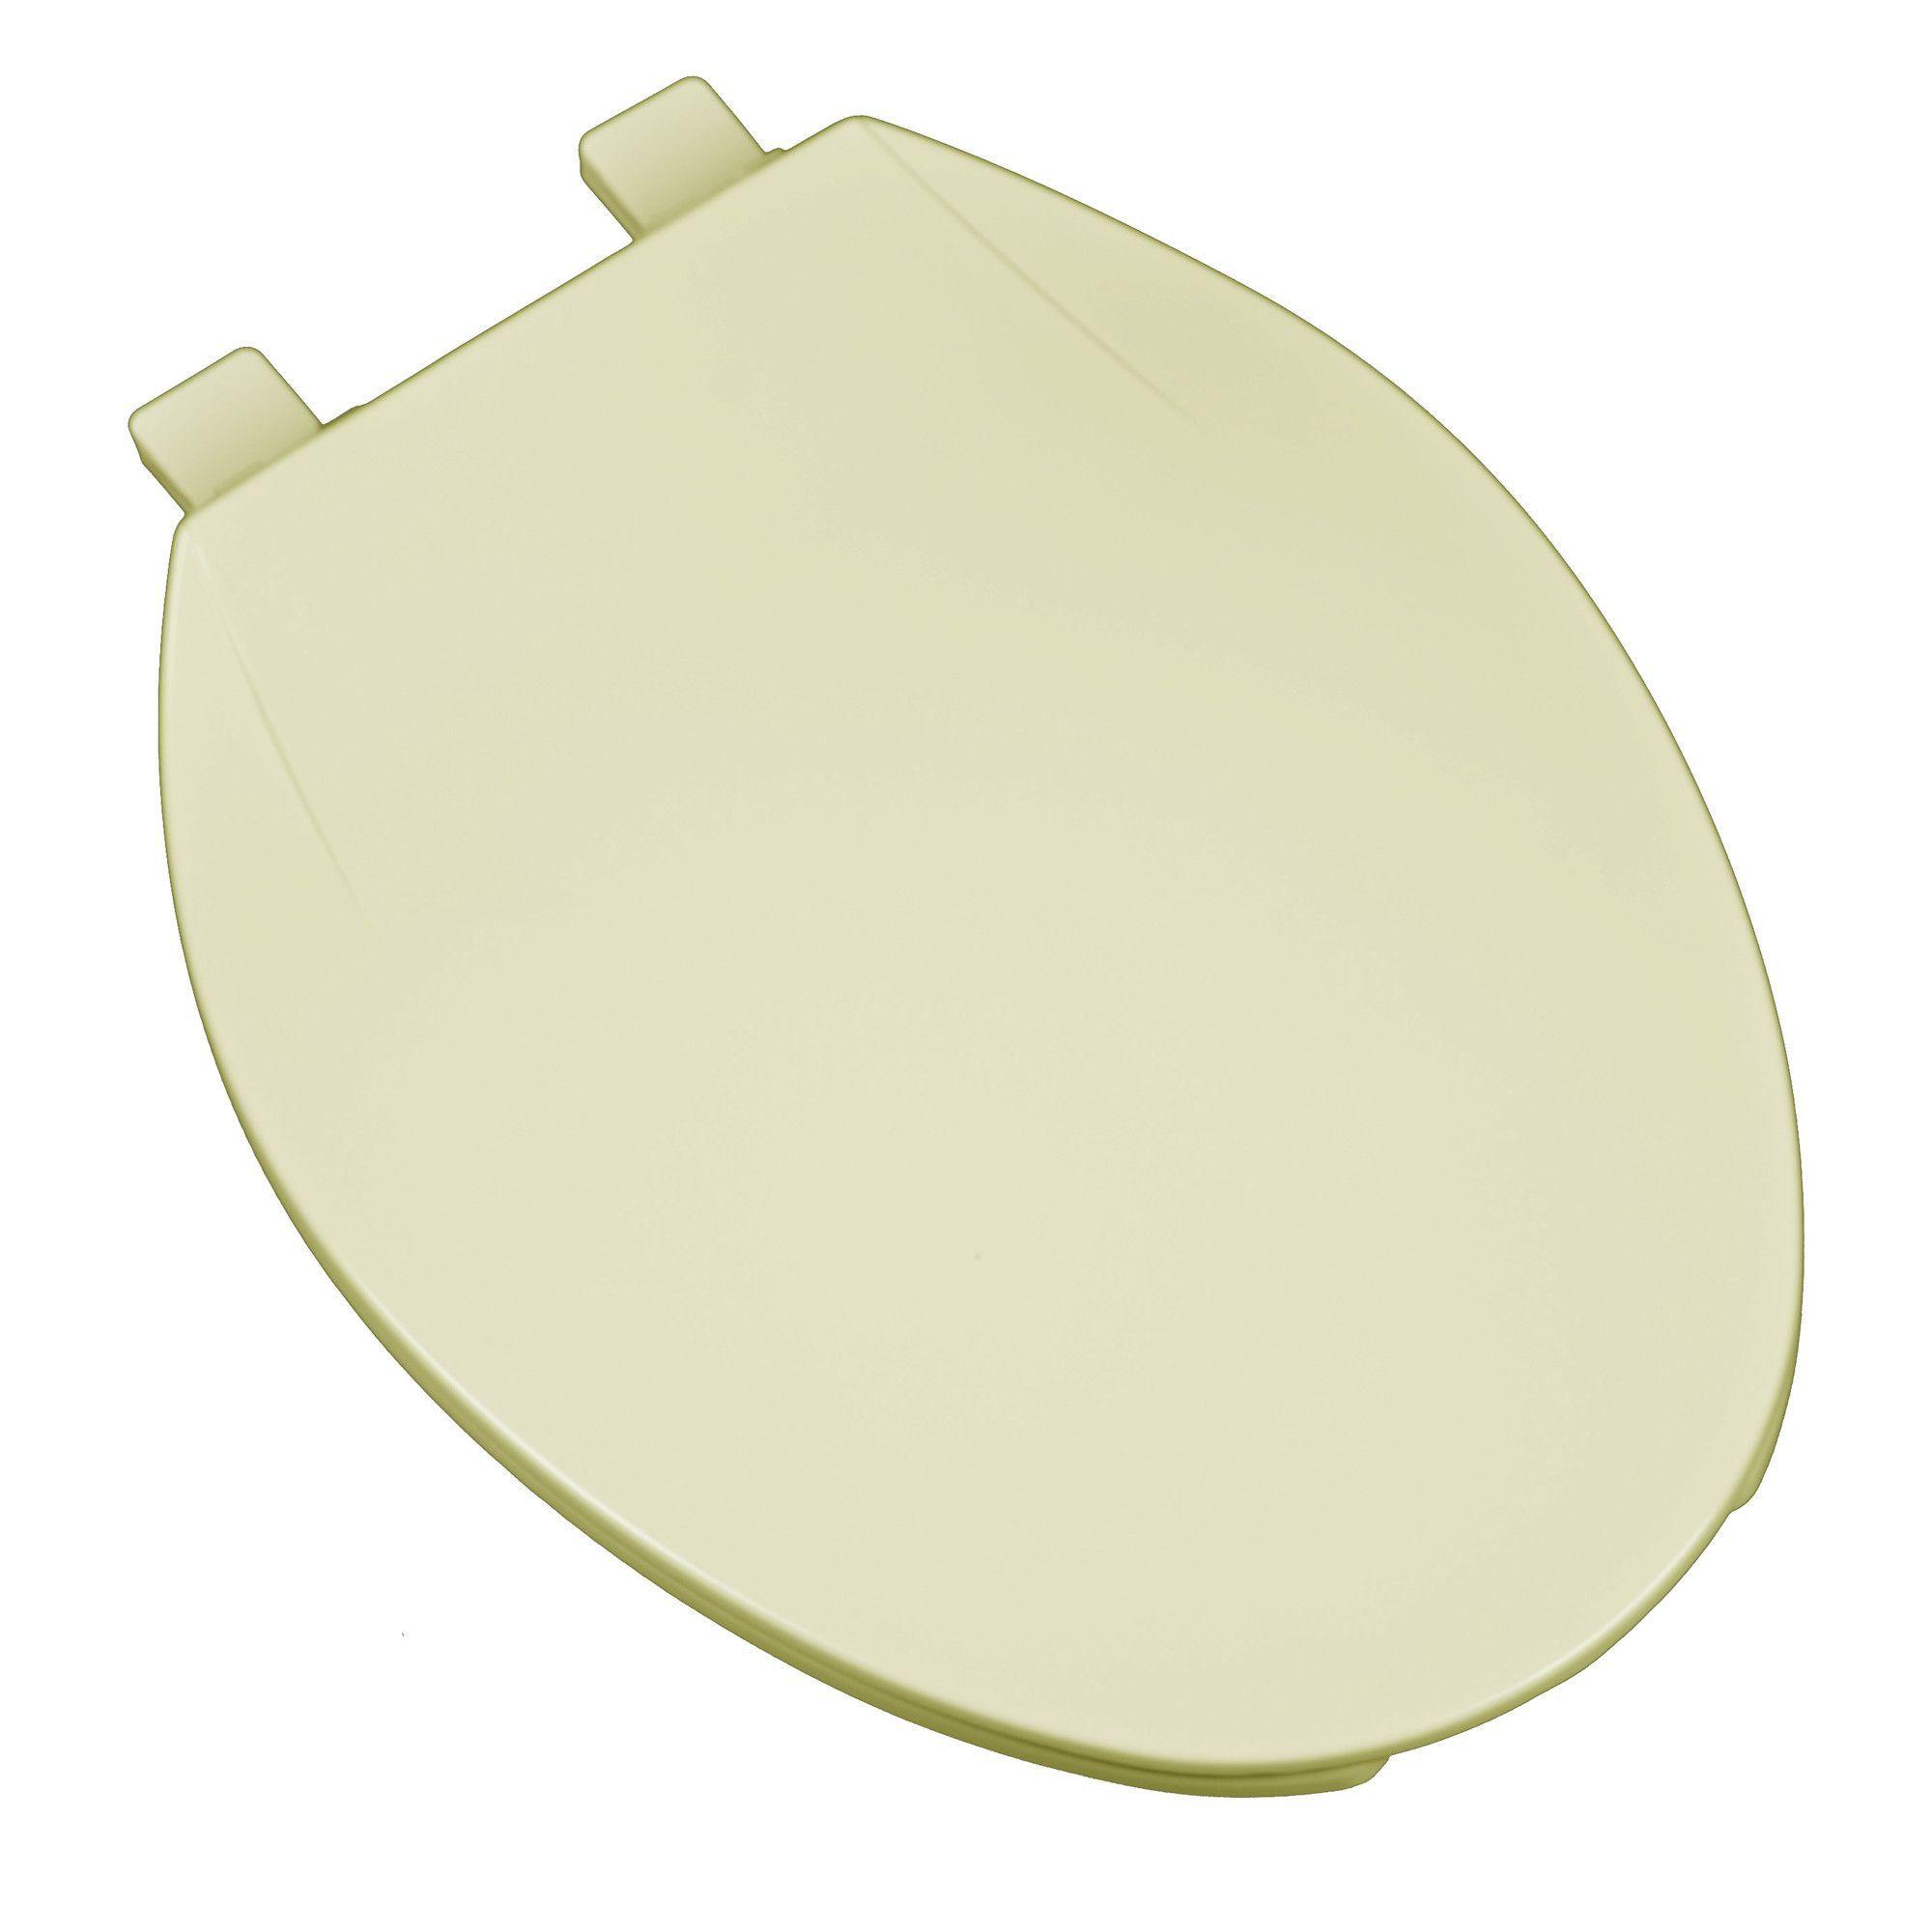 Deluxe Plastic Contemporary Round Toilet Seat Plastic Hinges